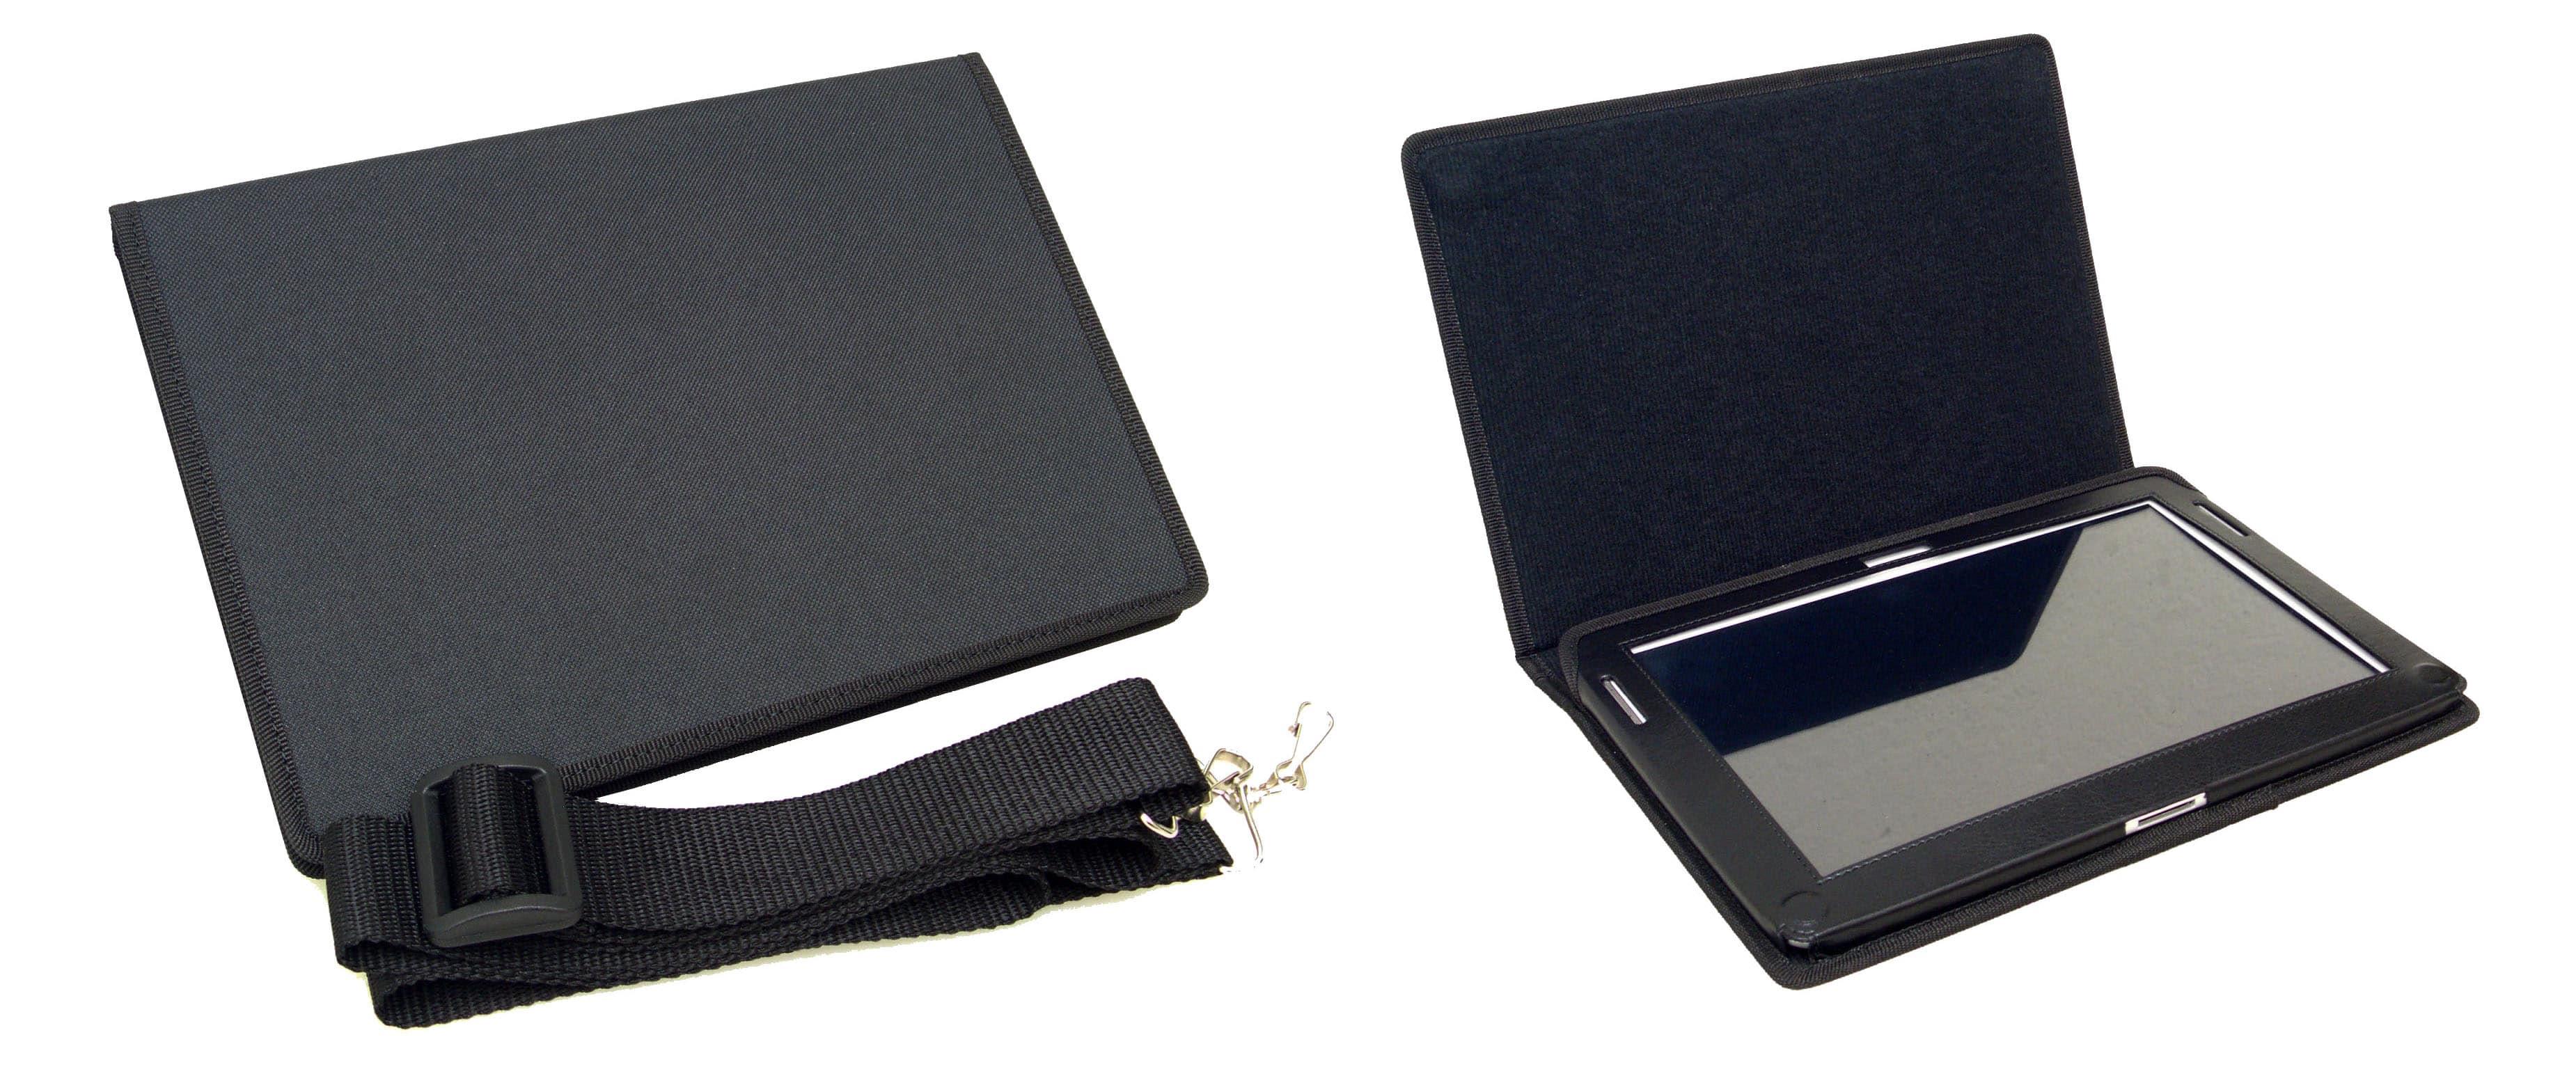 Funda Tablet Galaxy Note 10 Melgar para uso industrial y comercial